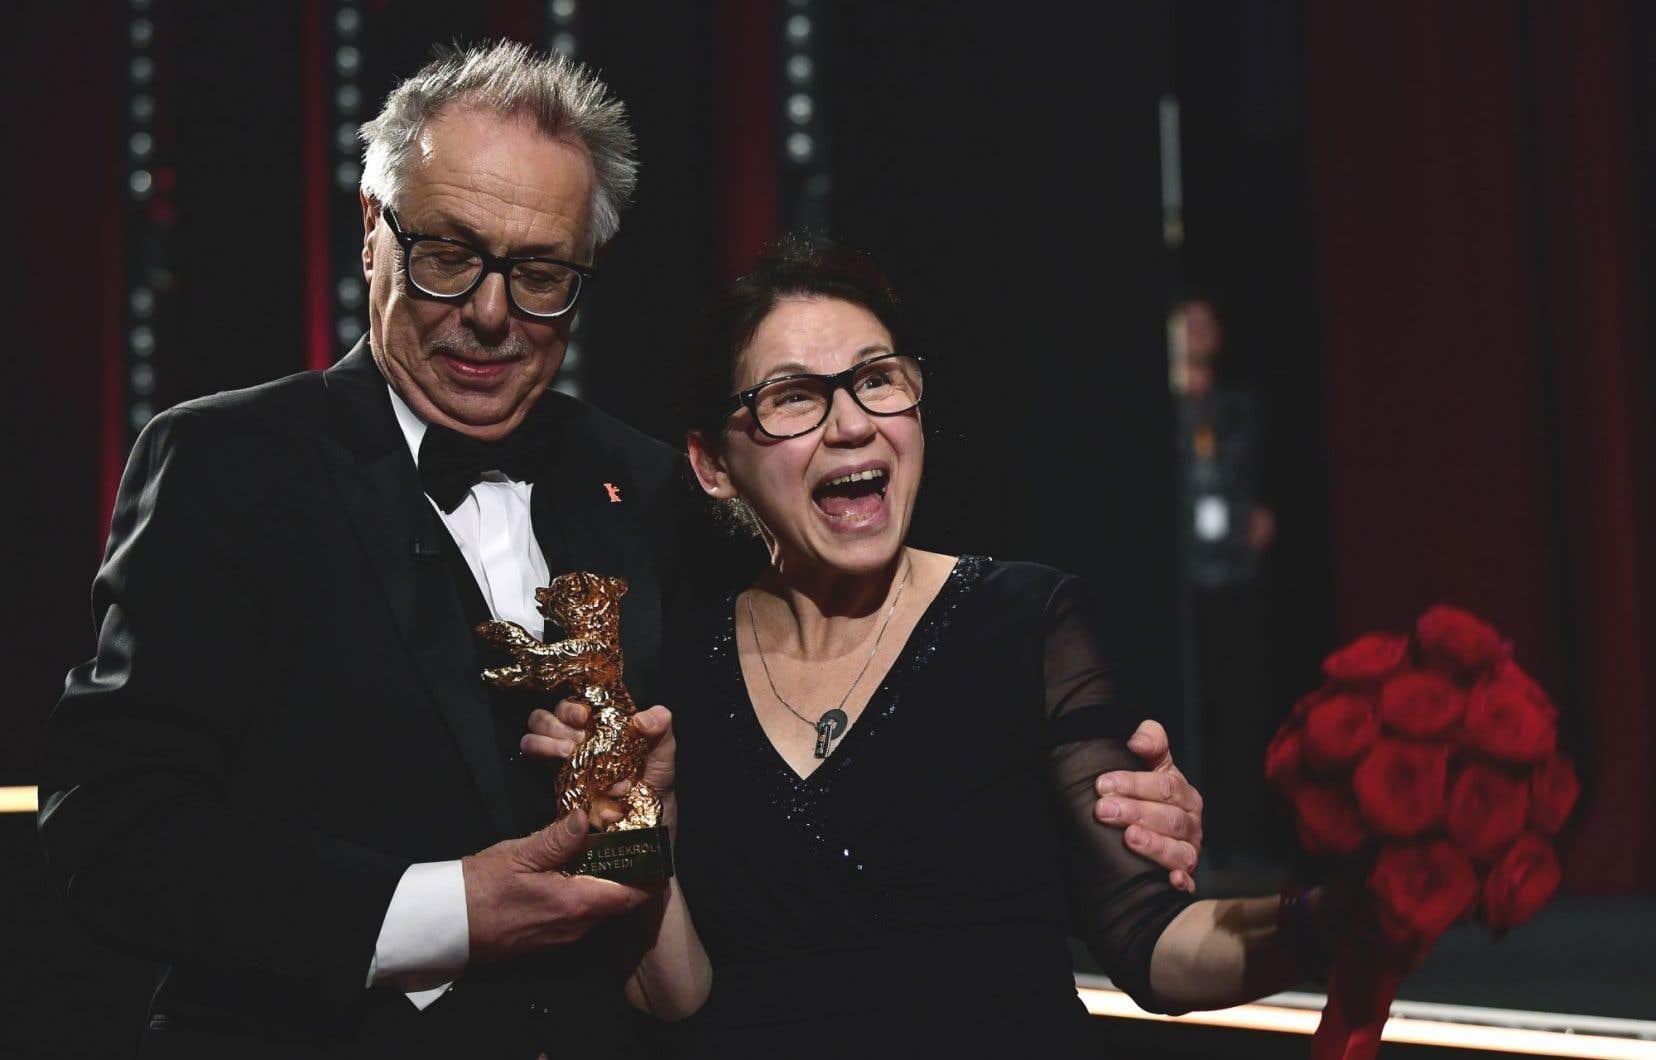 La Hongroise Ildiko Enyedi, lauréate pour la réalisation de son film «On Body and Soul», en compagnie de l'acteur Dieter Kosslick